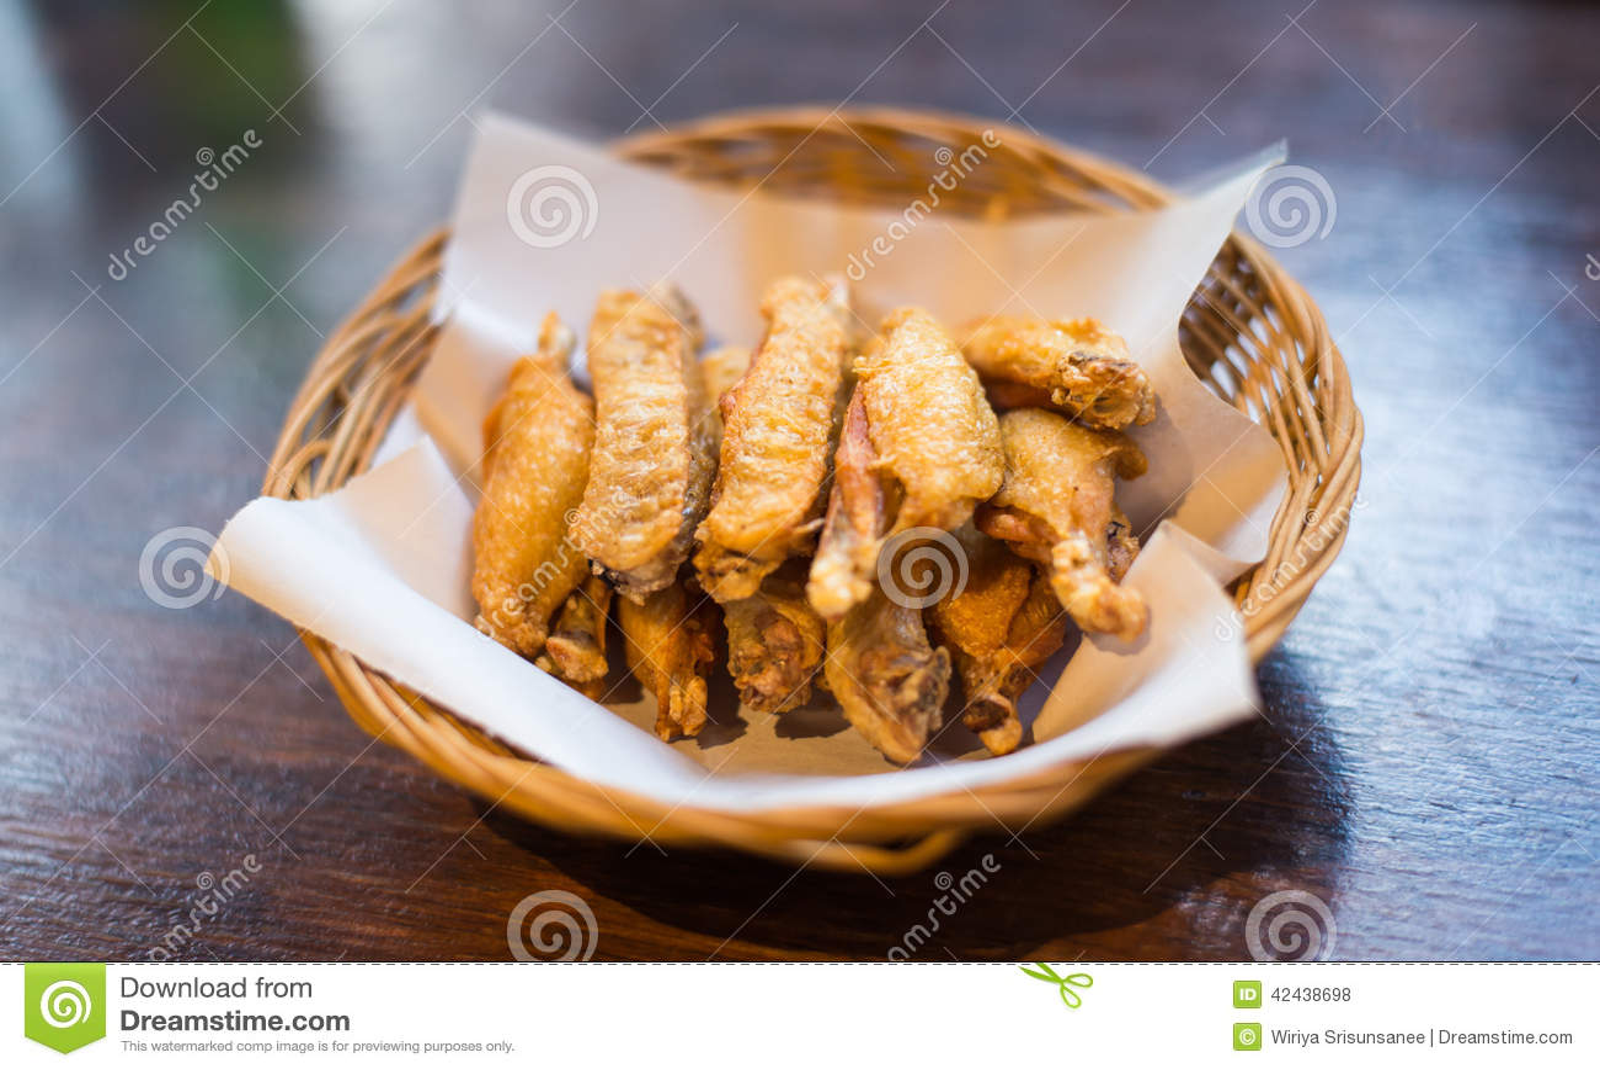 Pollo asado a la parrilla en una cesta